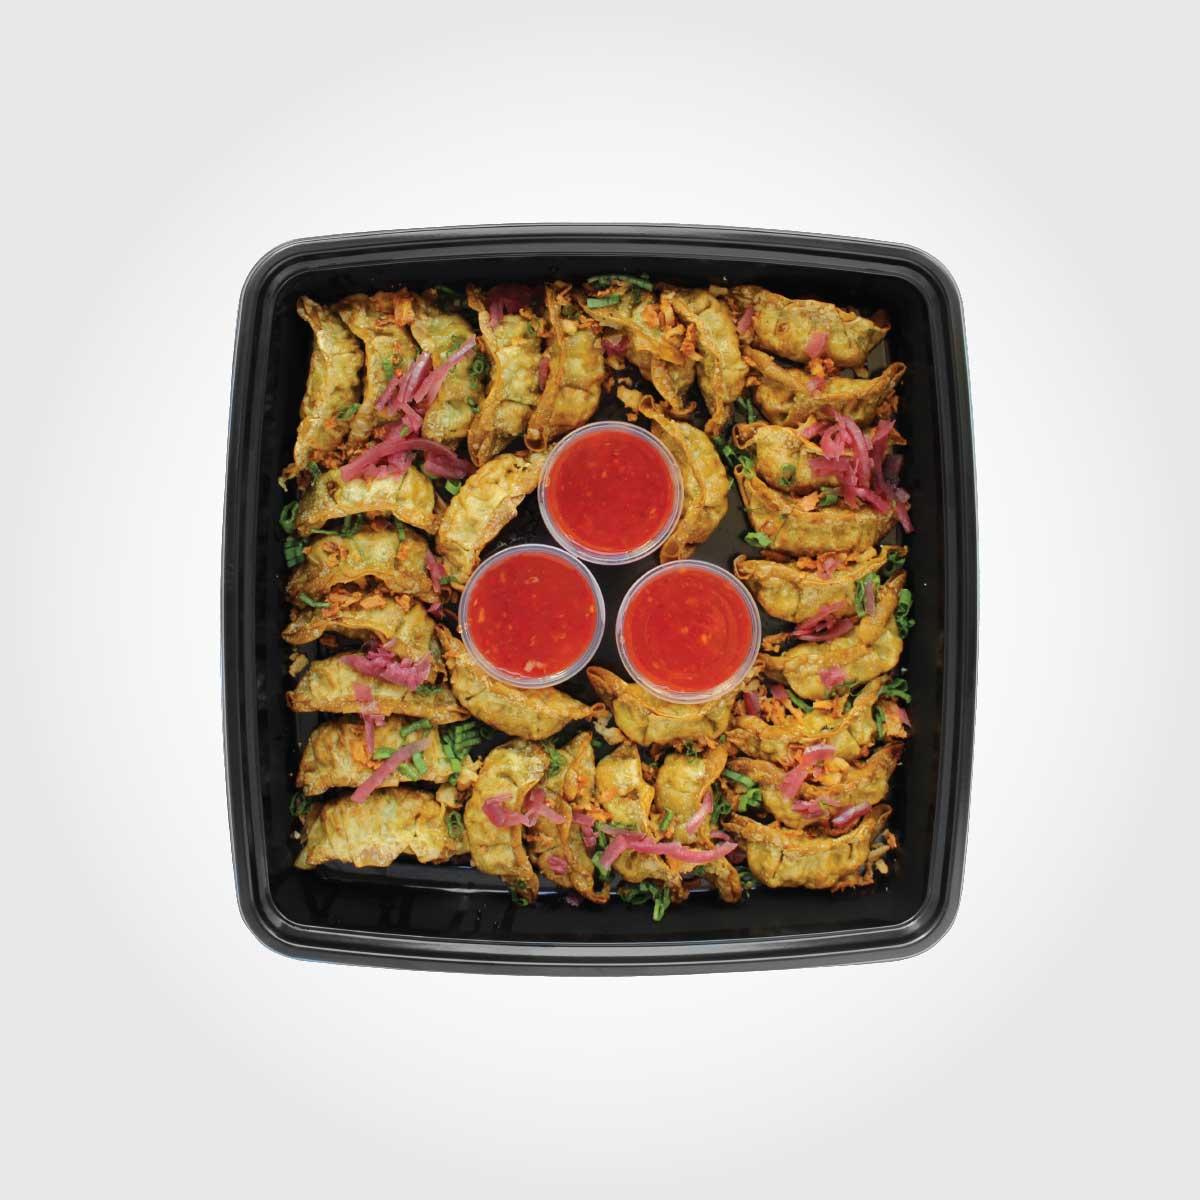 Veislubakkar - Vegan Dumplings - Reykjavík Asian